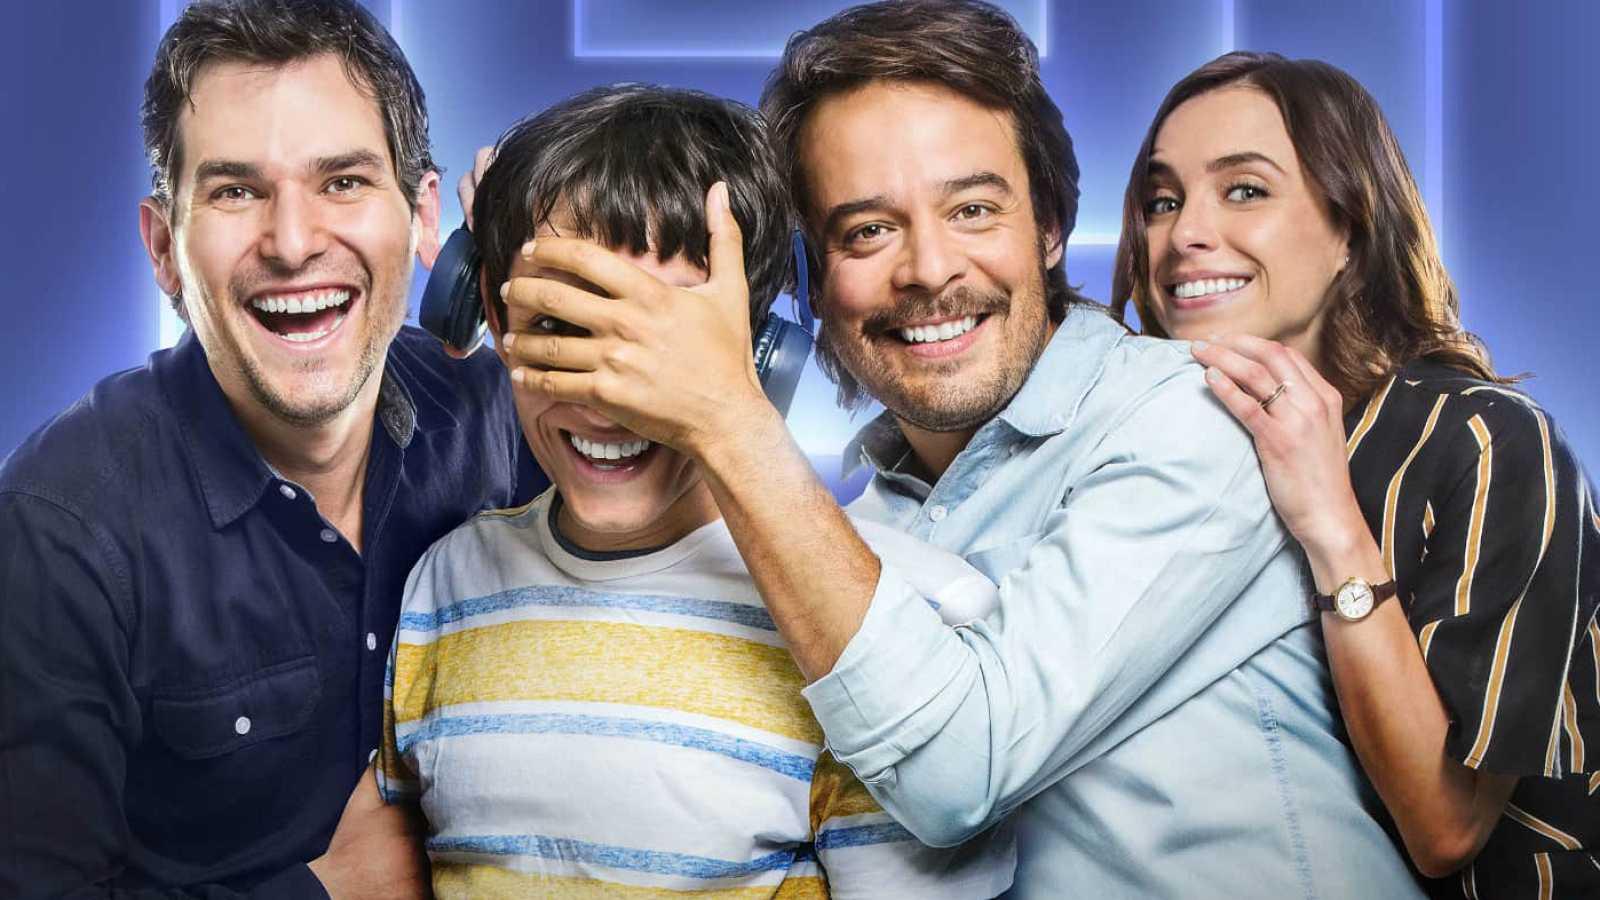 Hora América de cine - El actor mexicano Leonardo Ortizgris presenta '¿Conoces a Tomás?', estrenada en España - escuchar ahora